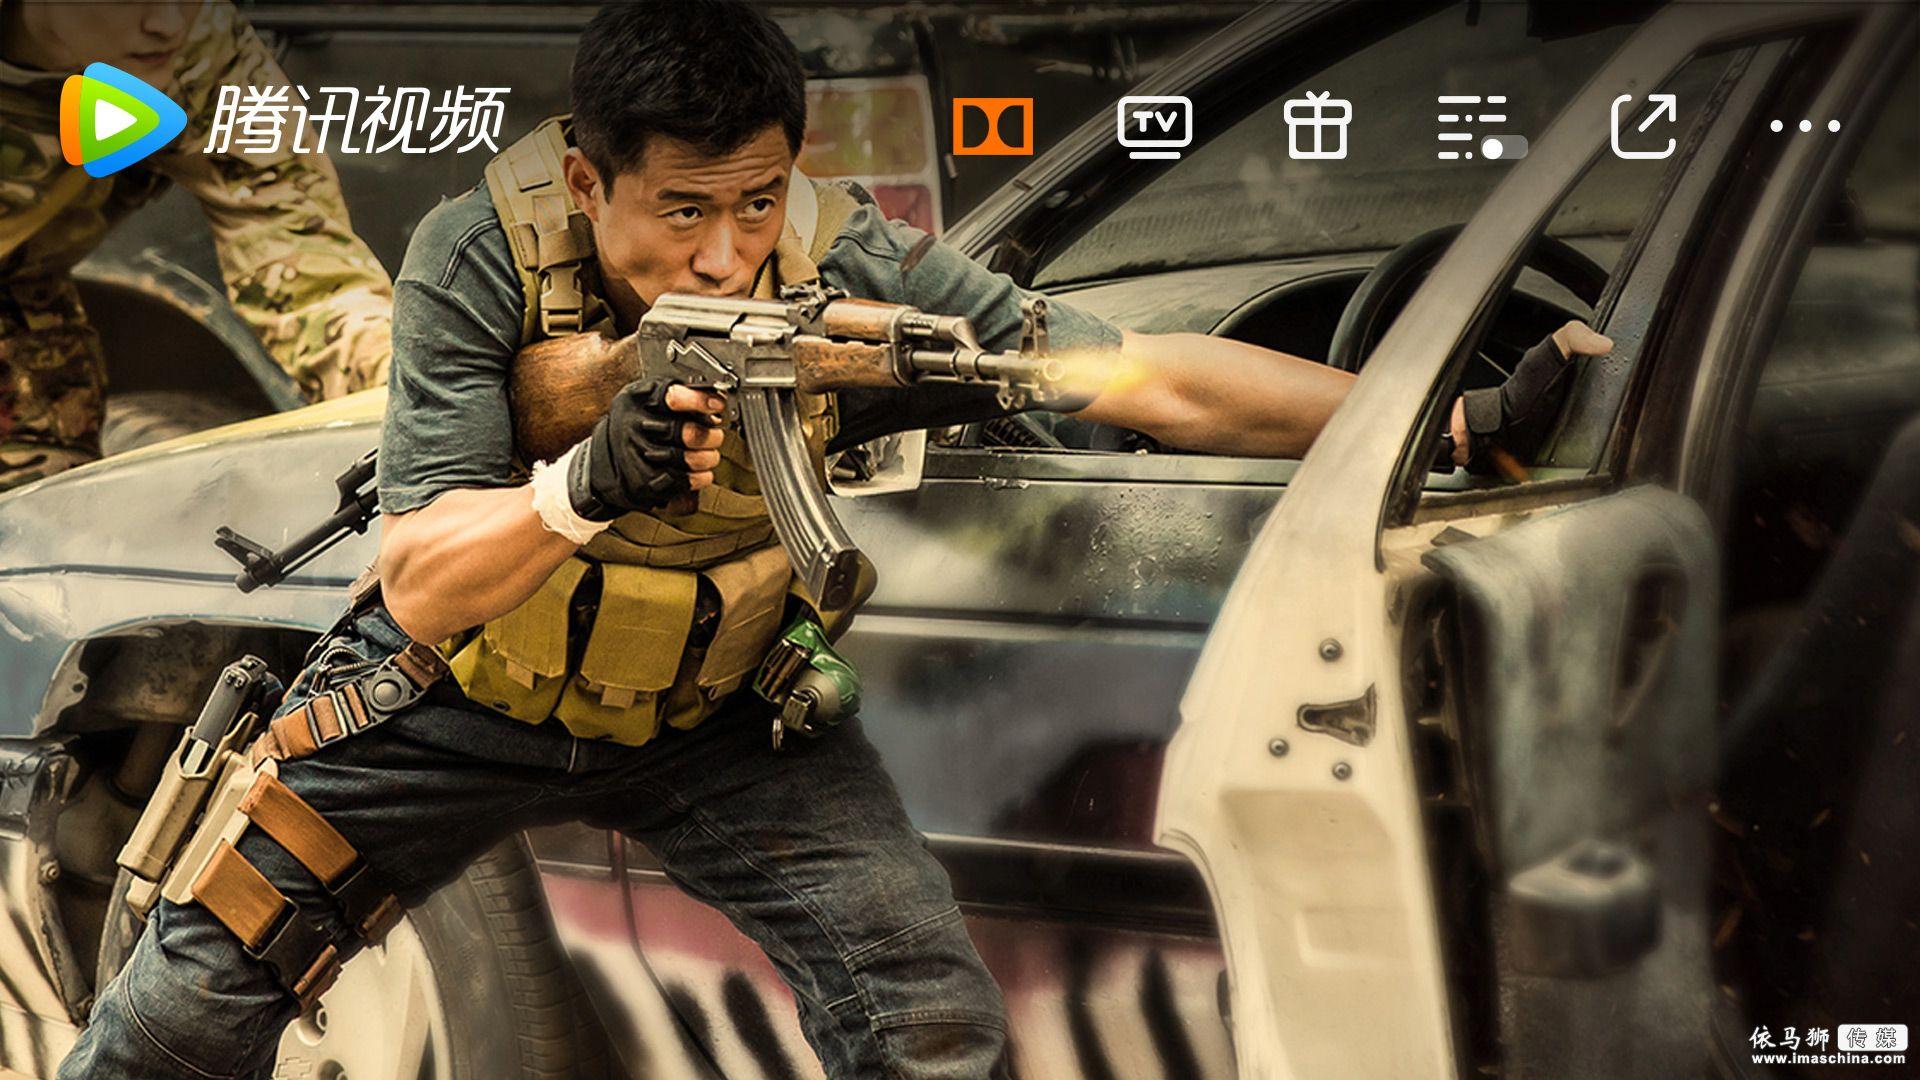 腾讯视频推出中国首款移动端杜比视界内容服务 消费者现在可以通过腾讯视频 在新的iPhone X、iPhone 8和iPhone 8 Plus上体验杜比视界高动态 - 电影中国 - 依马狮传媒旗下品牌